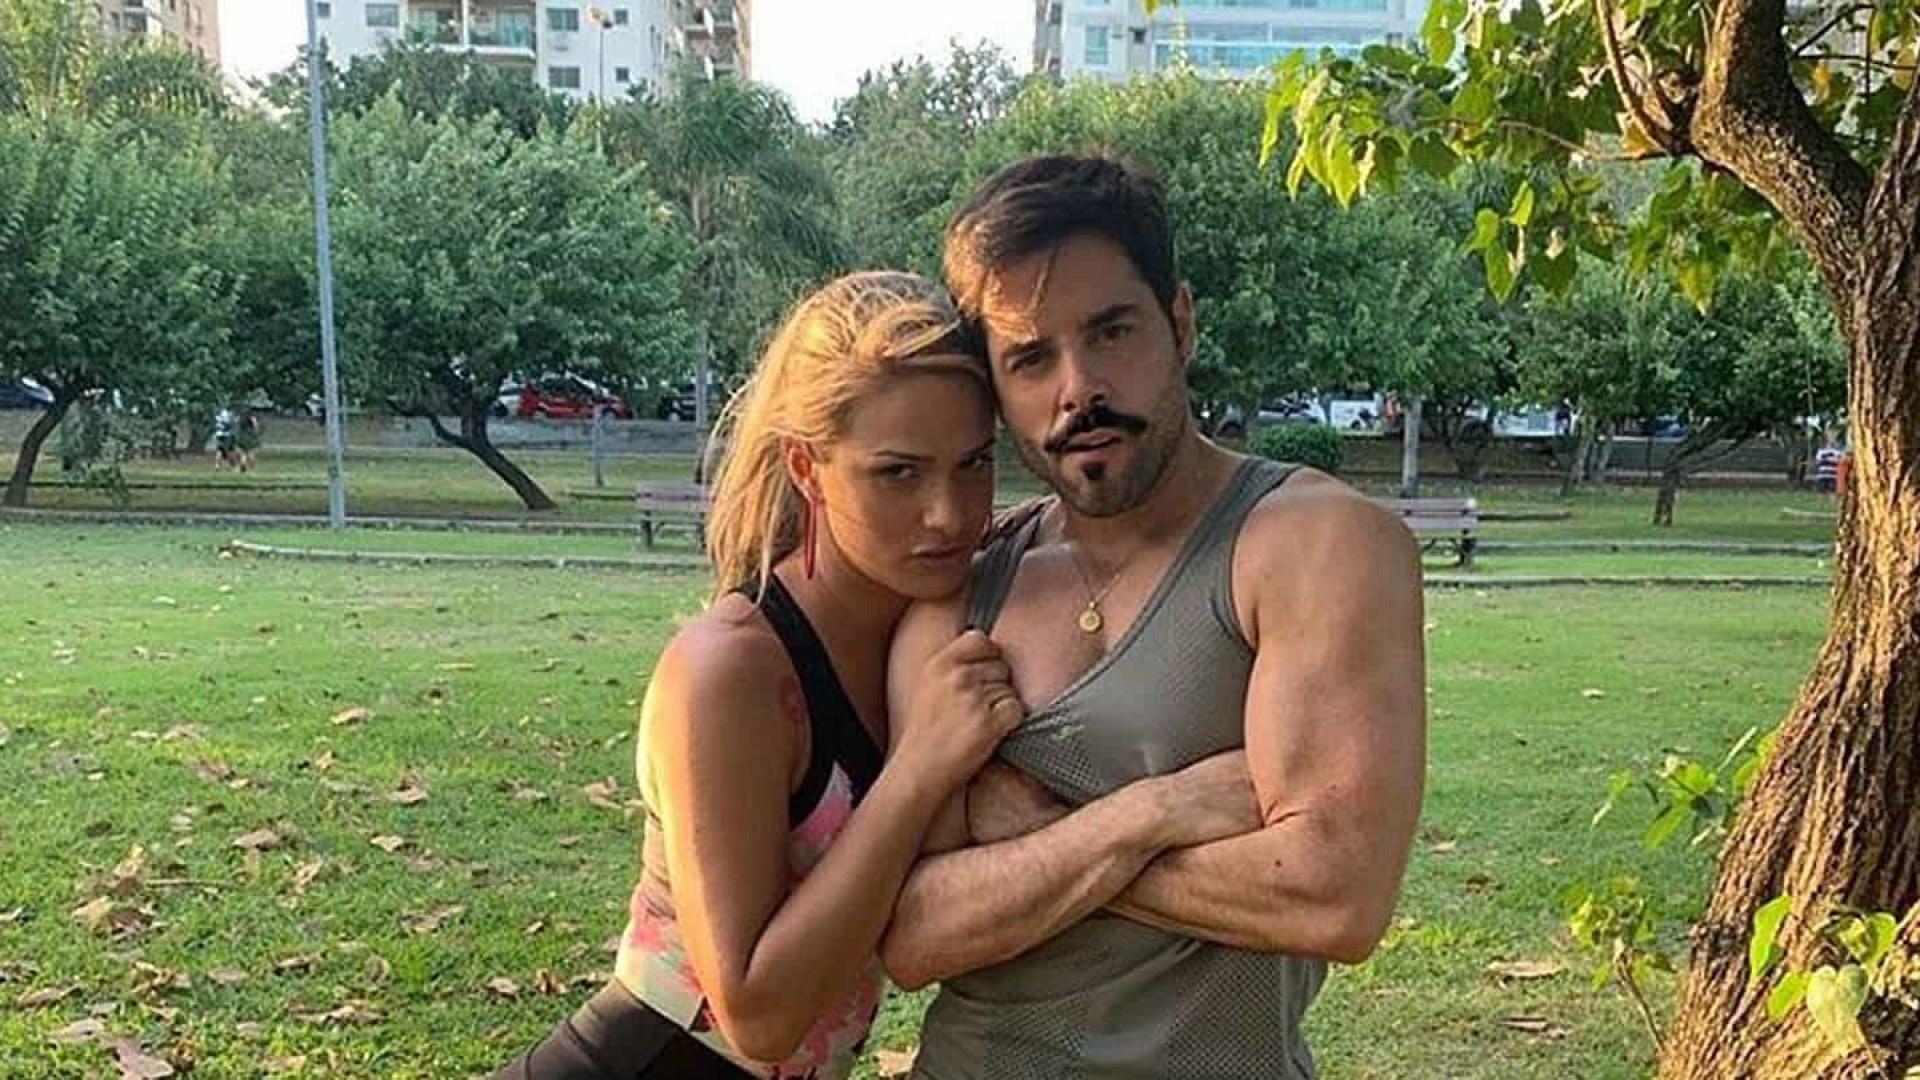 Pedro Carvalho comenta namoro com trans em 'A Dona do Pedaço'